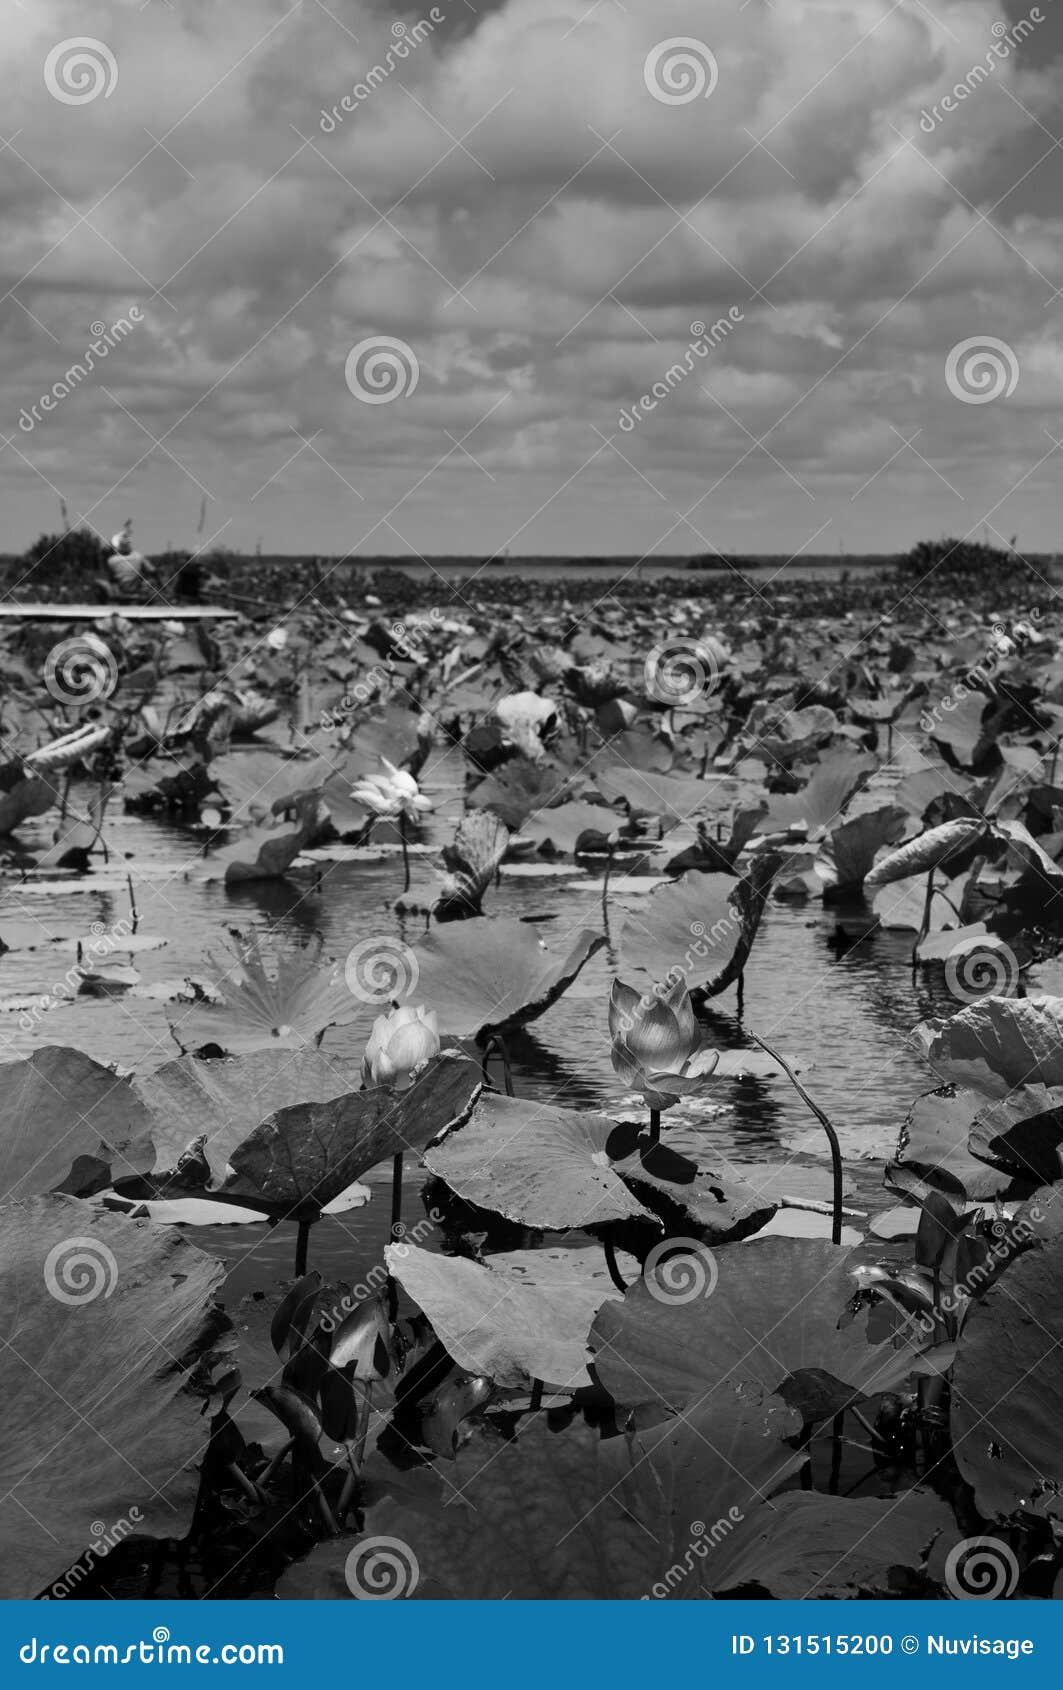 黑白图象荷花池在塔拉伊Noi家畜储备,拉姆萨尔宋卡湖,Phattalung沼泽地resevior